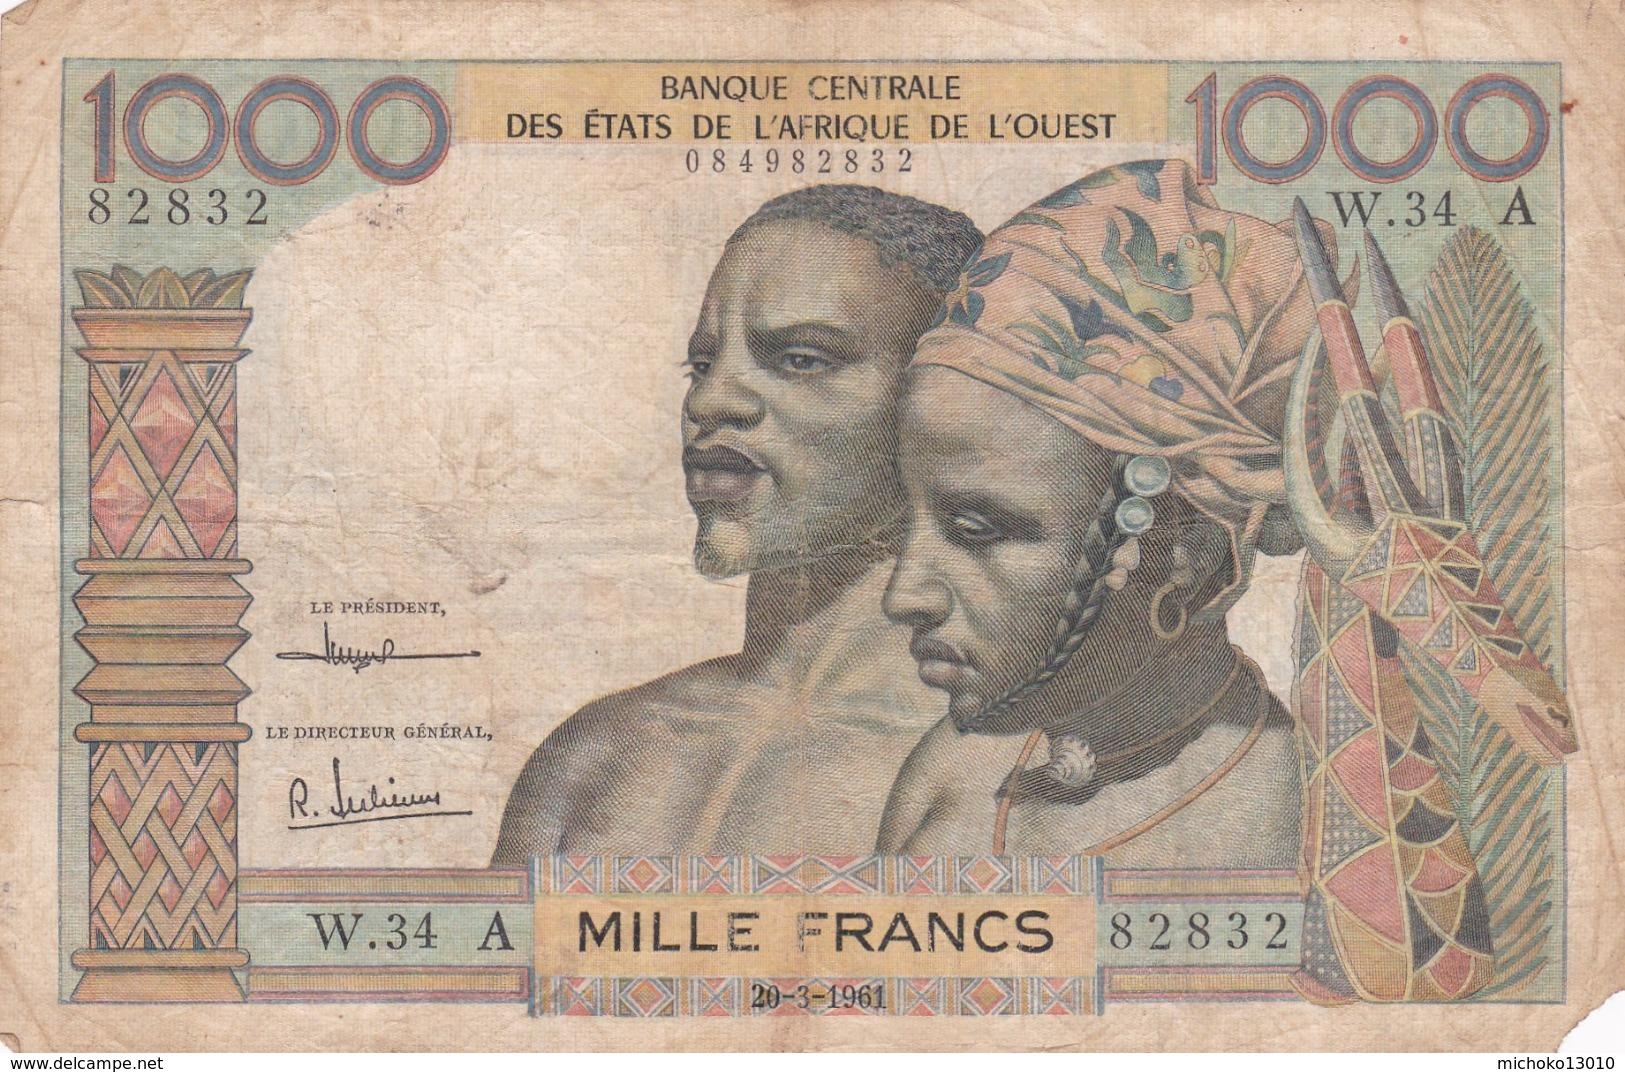 BILLET 1000 FRANCS CFA COTE D IVOIRE PICK 103 A VOIR SCAN - West-Afrikaanse Staten